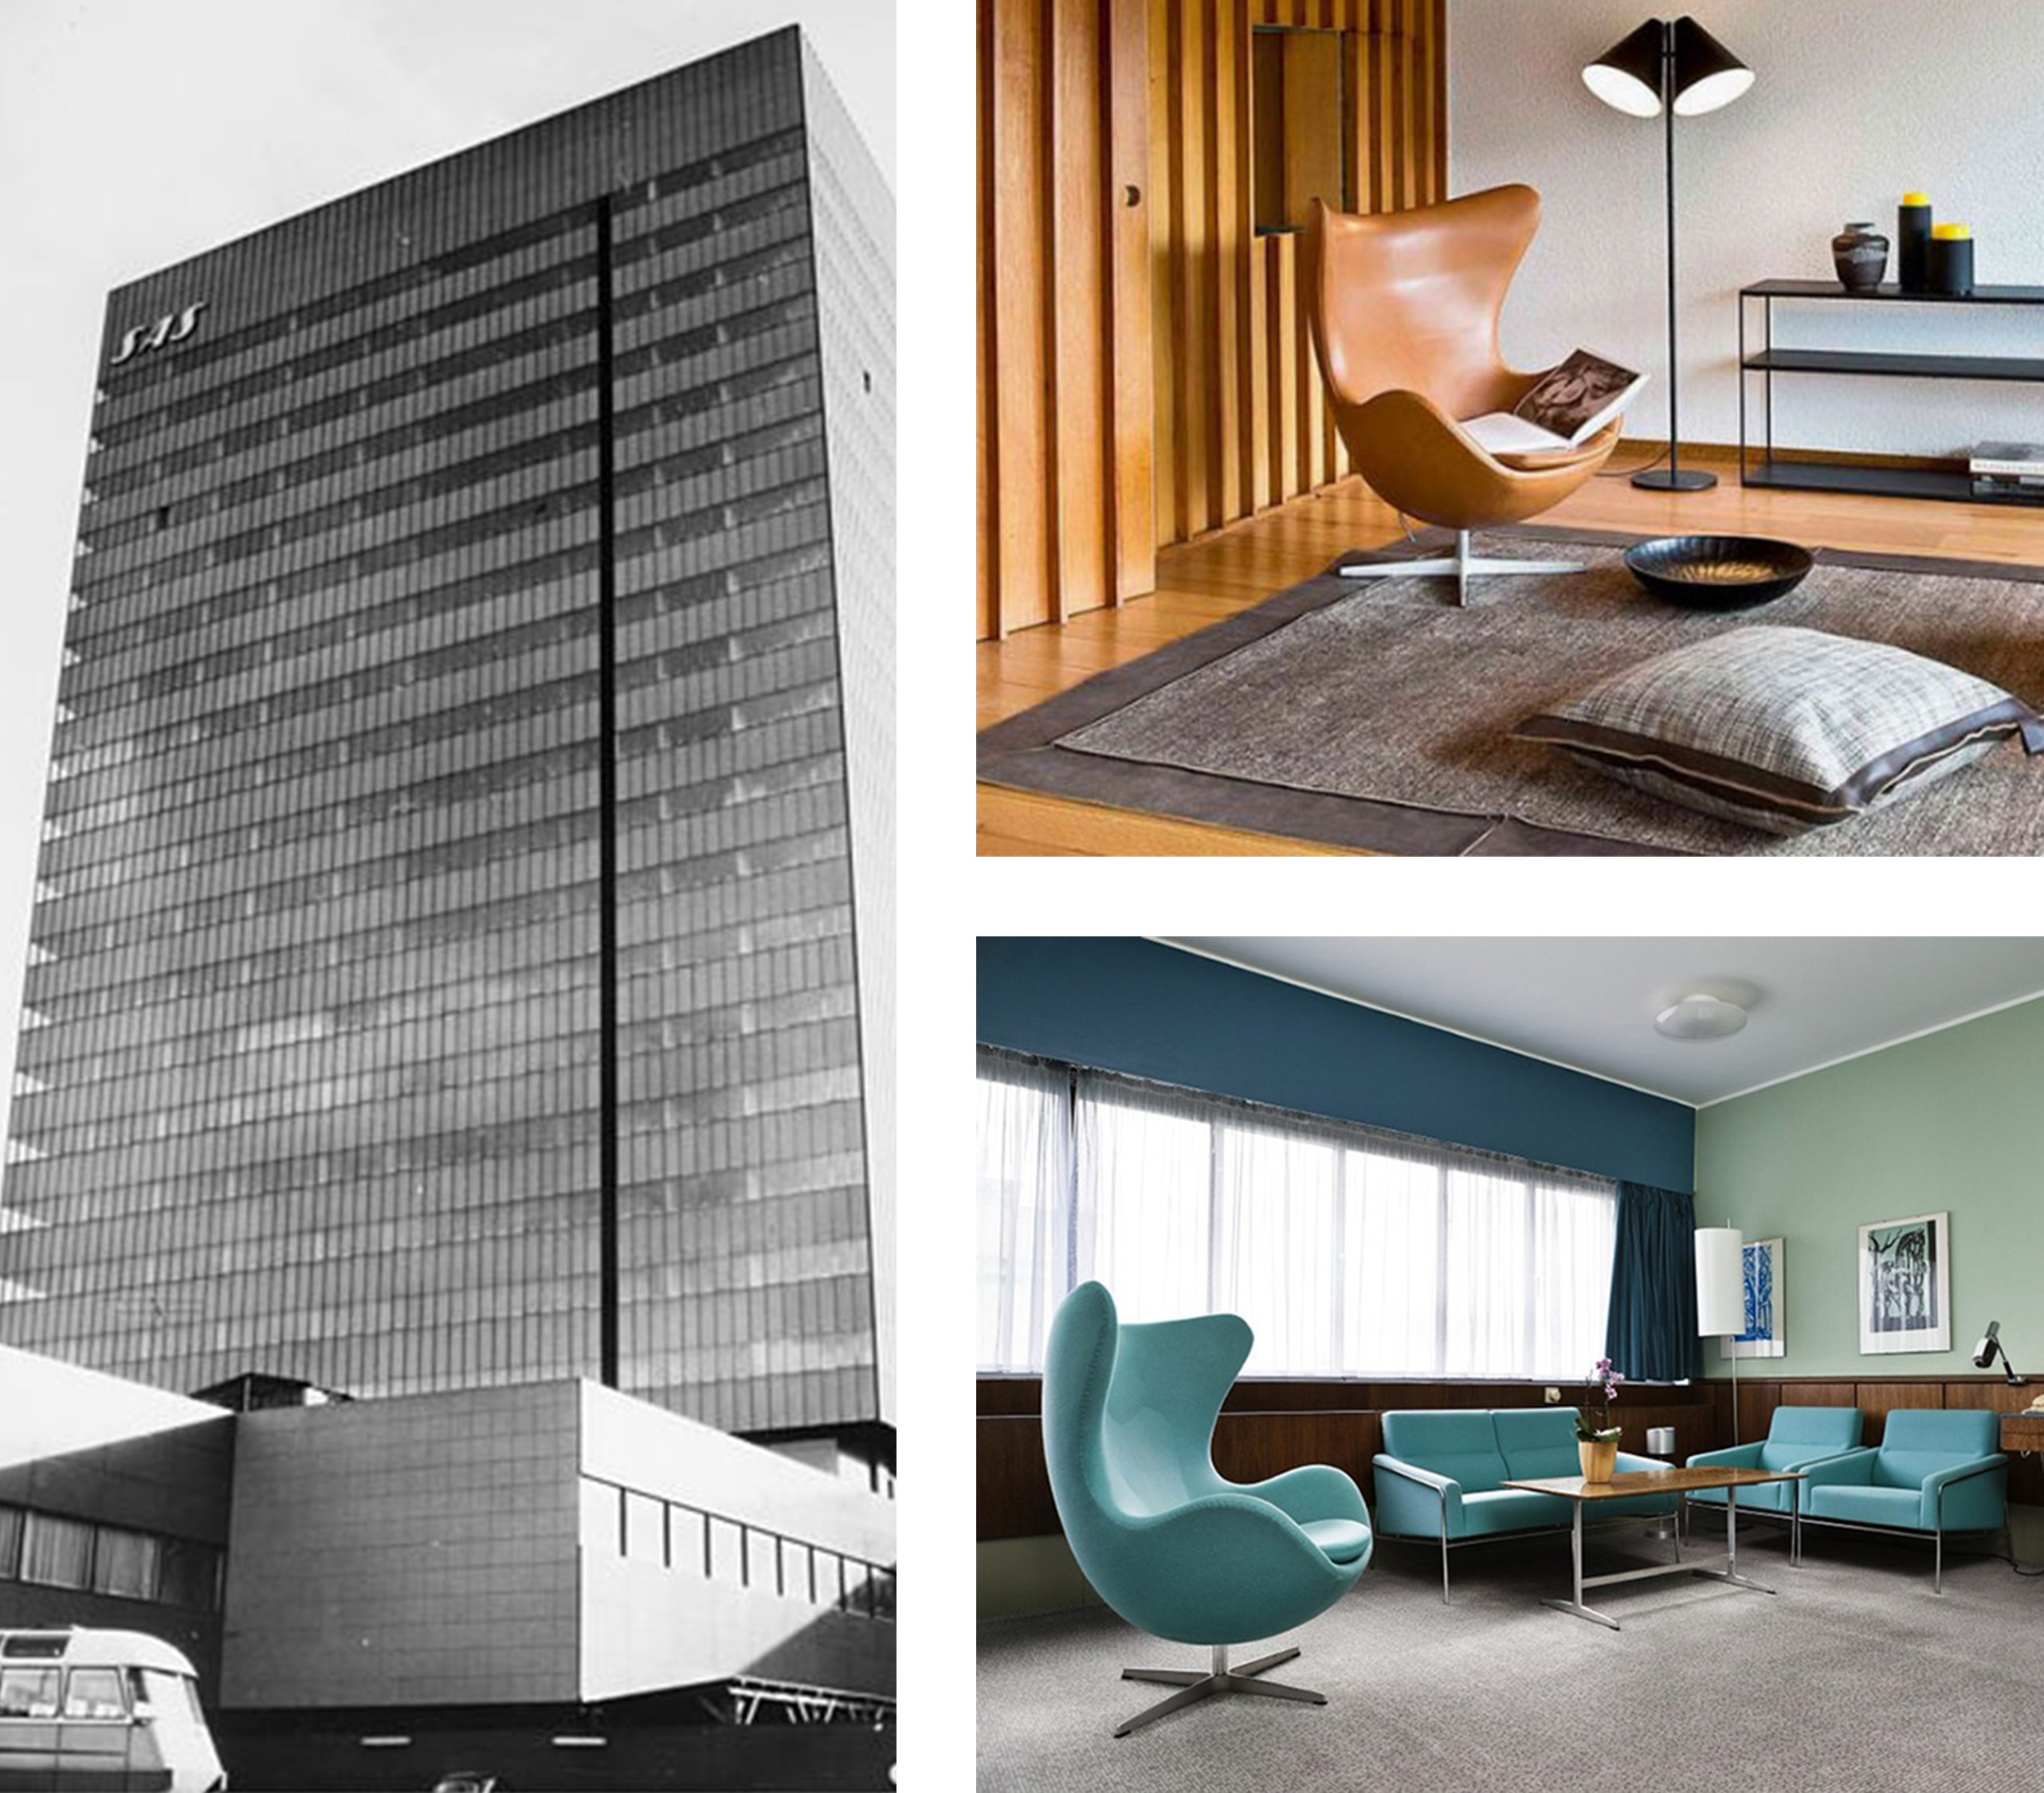 Arne Jacobsen Hotel & Egg Chair Designs